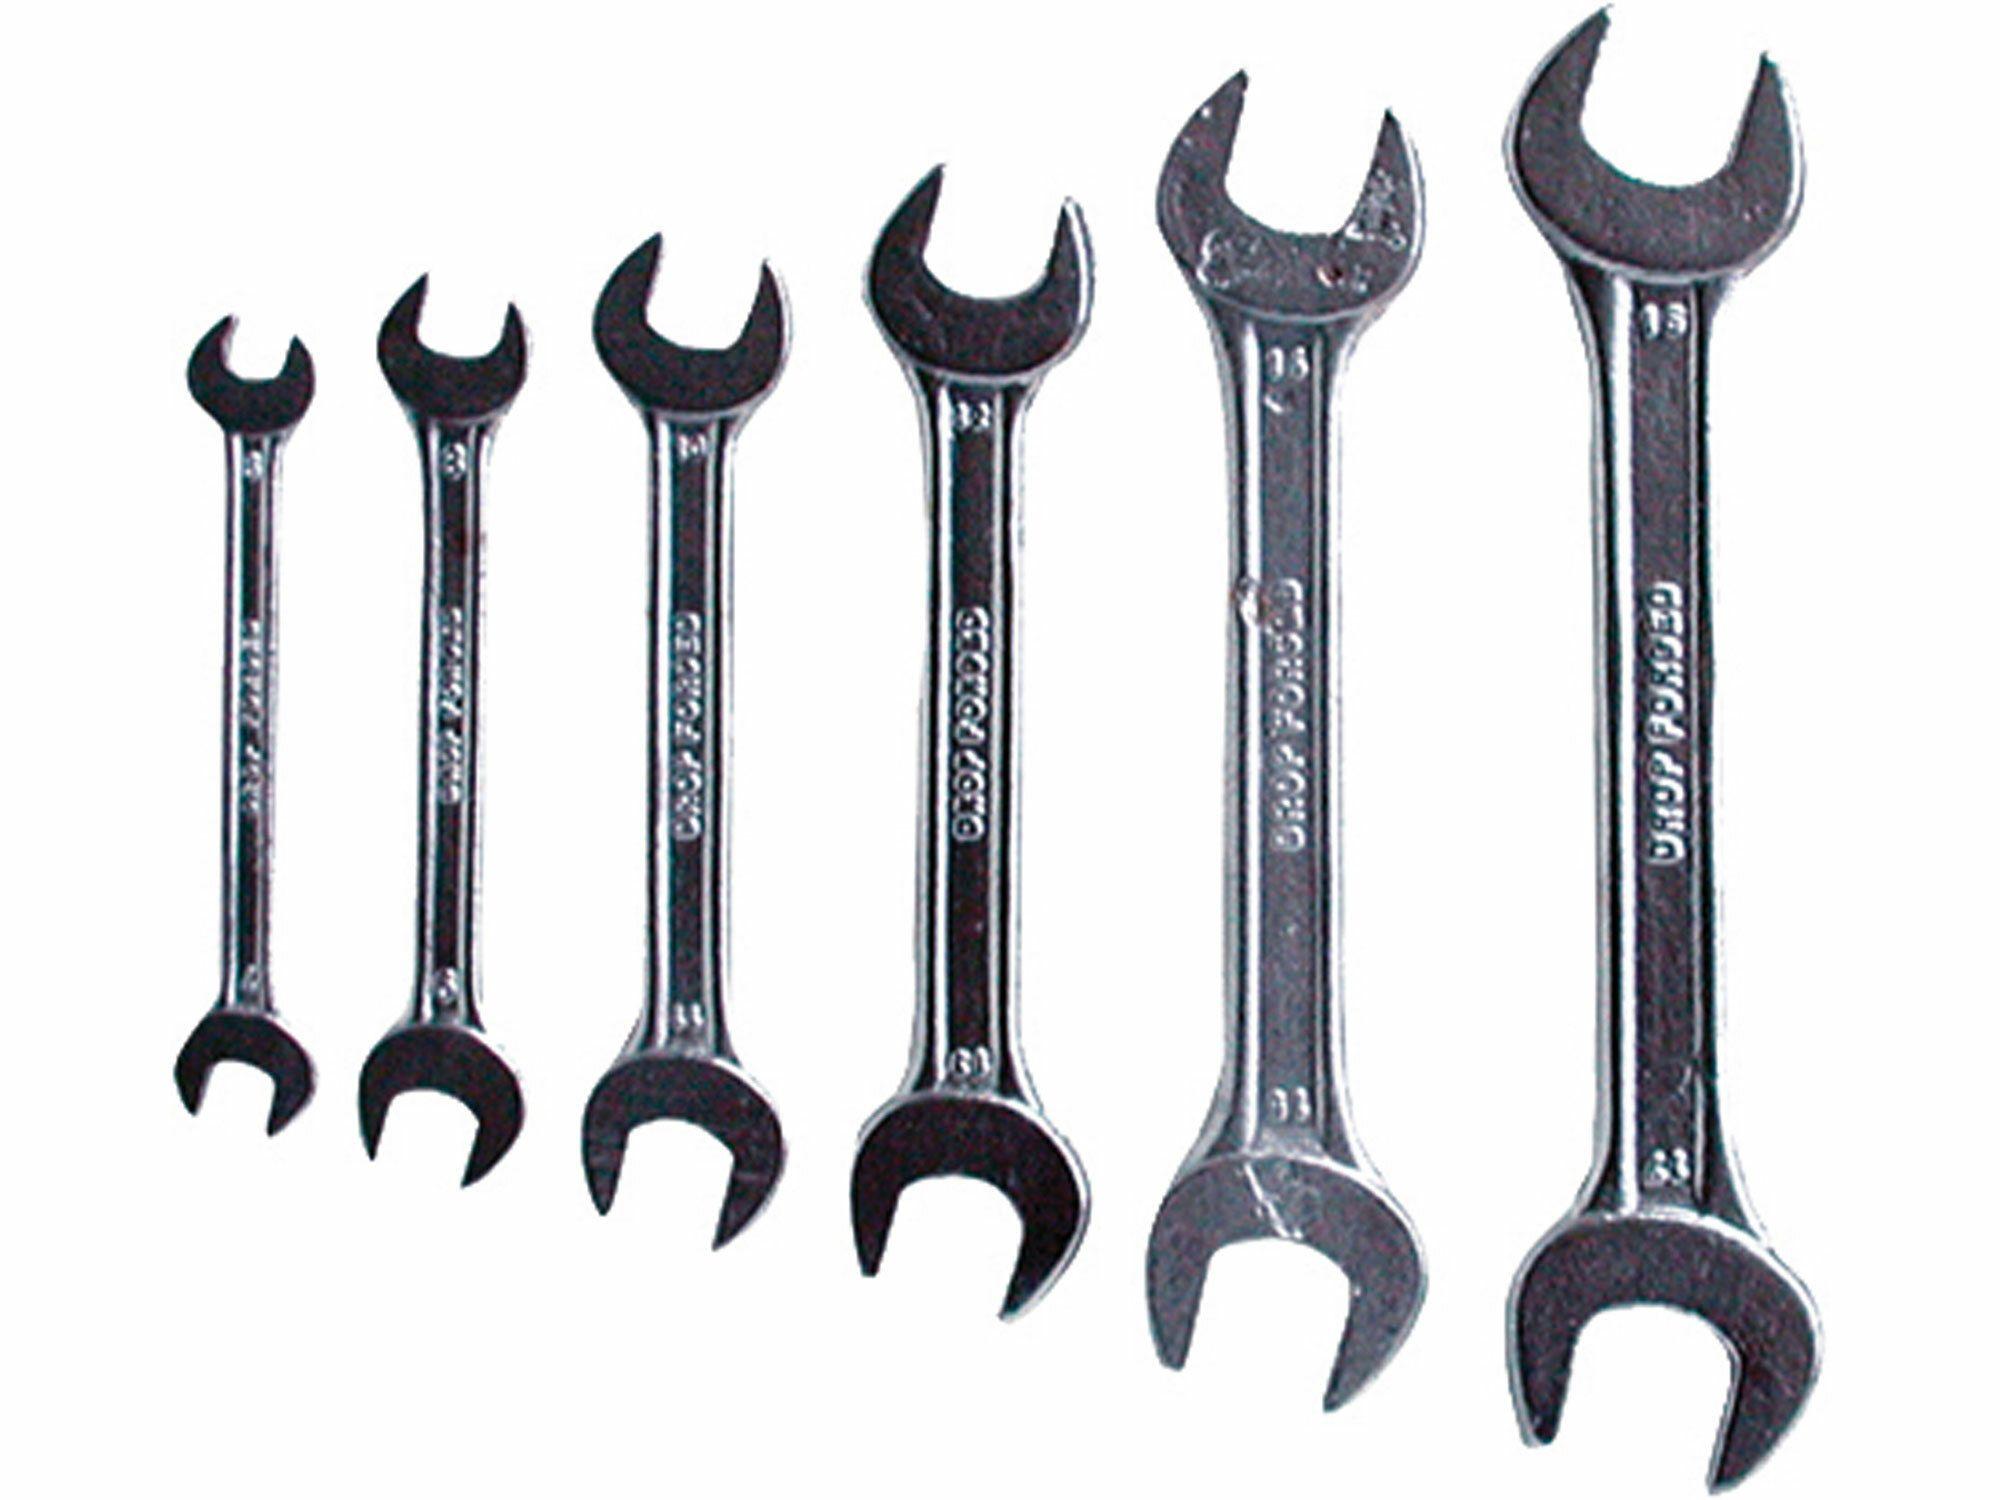 Klíče ploché, sada 6ks, 6x7, 8x9, 10x11, 12x13, 14x15, 16x17mm, W.S., EXTOL CRAFT